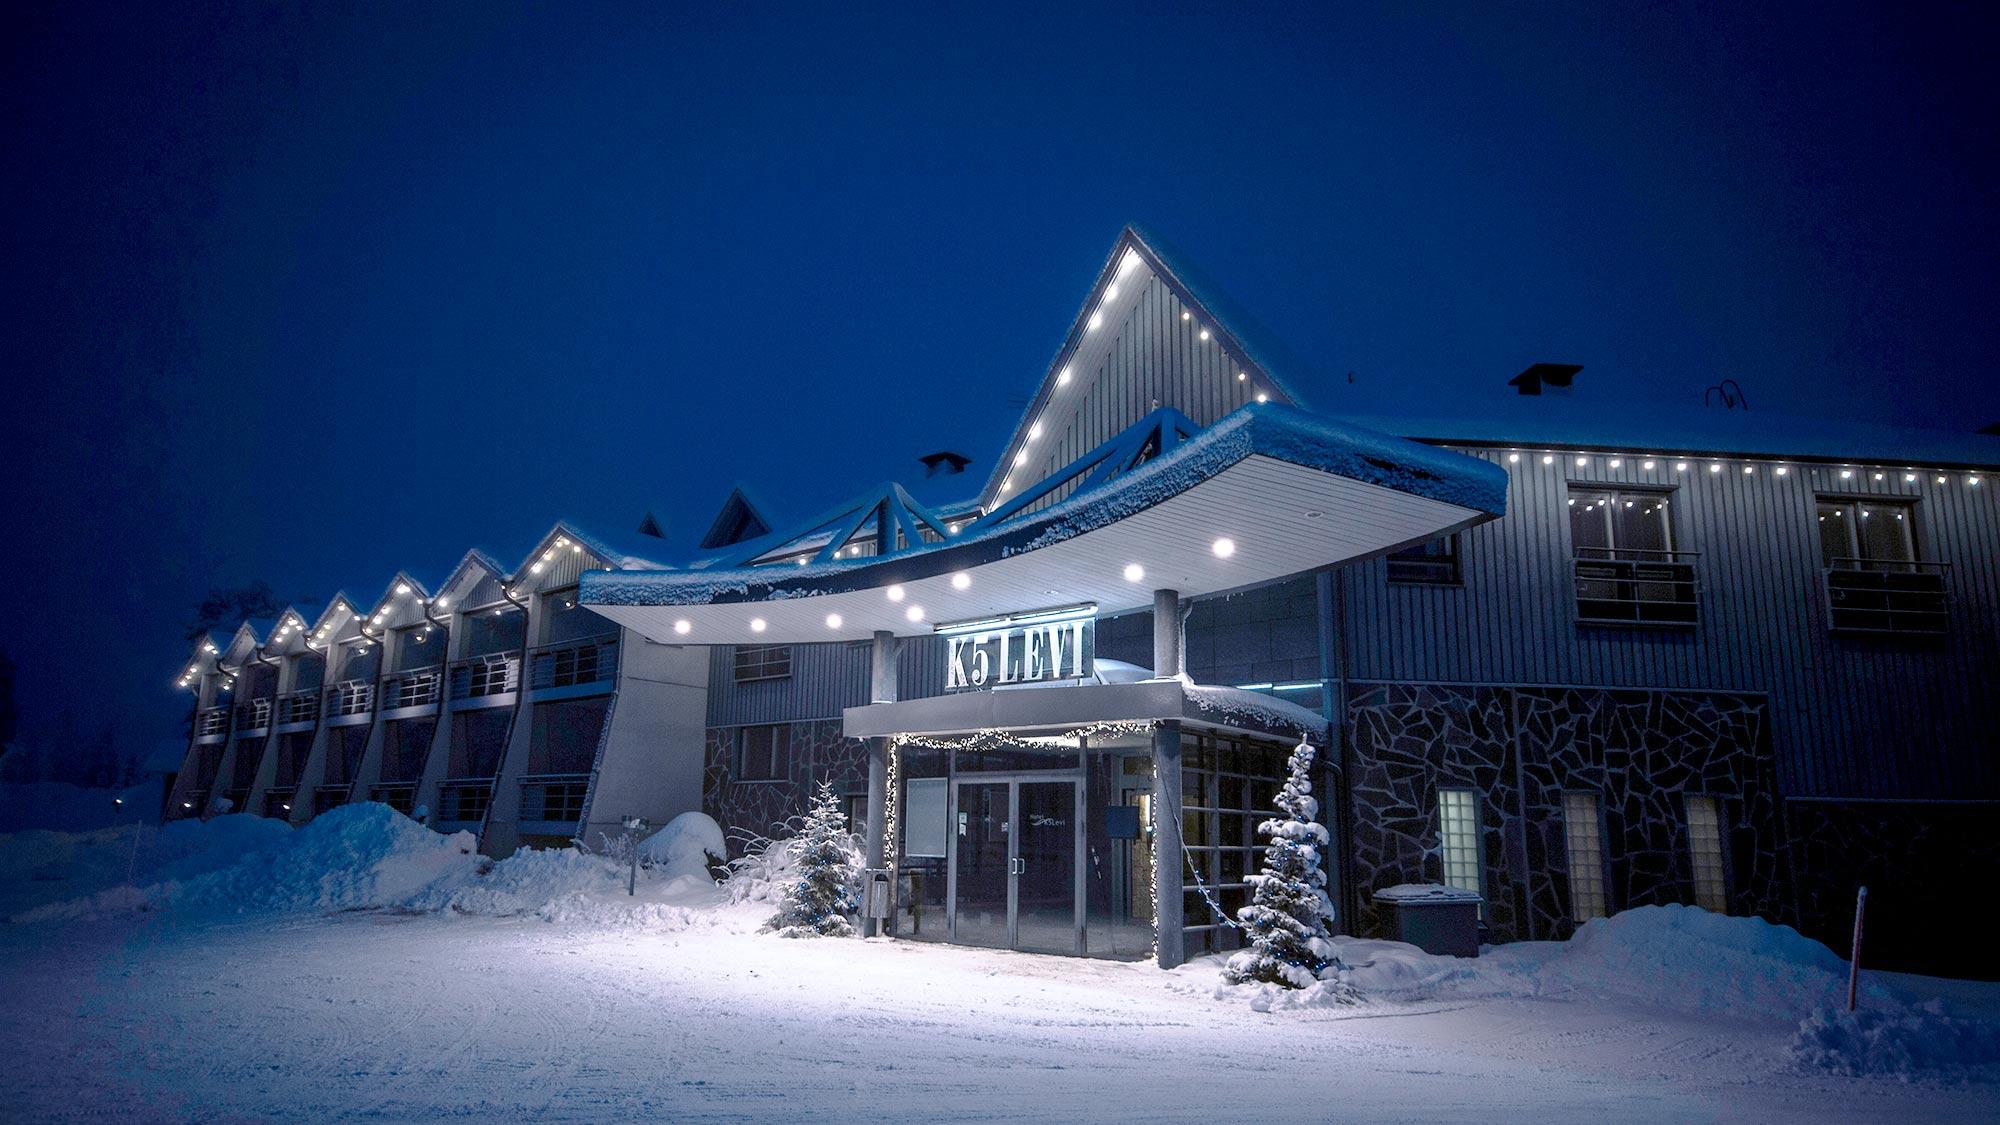 Hotel K5 Levi toimi pienessä sinisessä hotellirakennuksessa Levin matkailukeskuksessa.